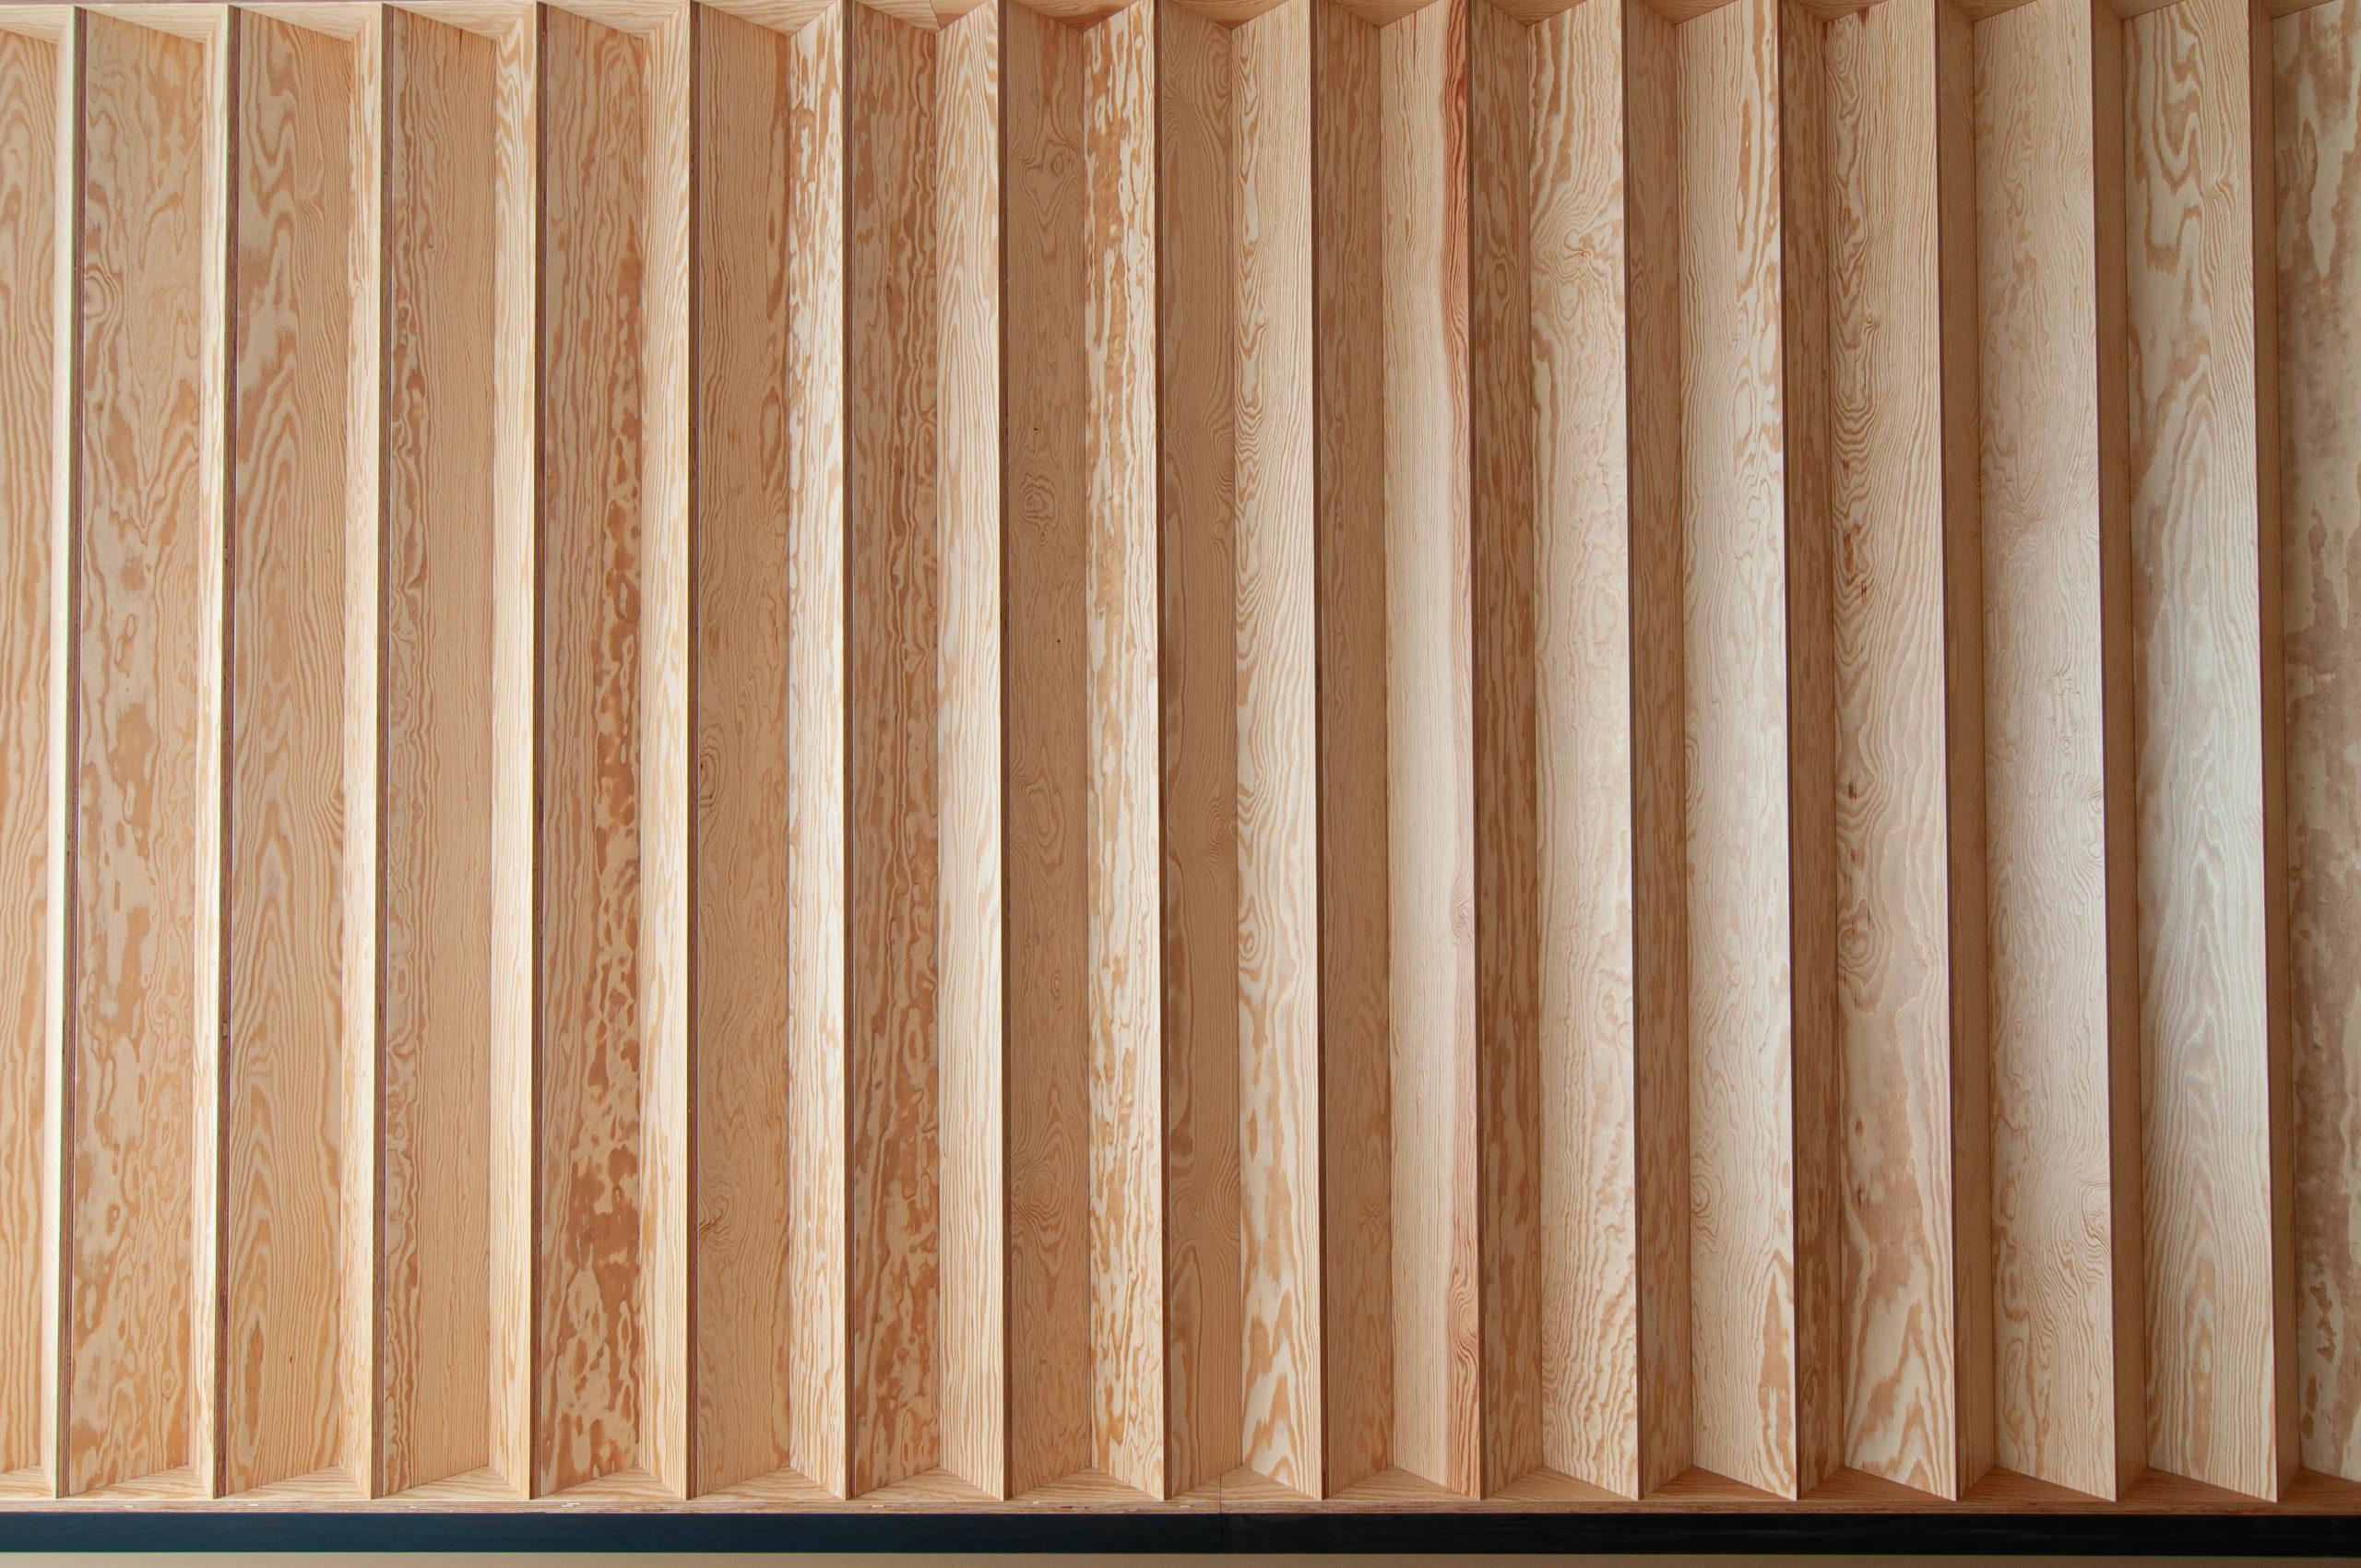 Studio Pilates Art v Klánovicích - stěna studia z borovicové překližky. Autor: Kurz architekti